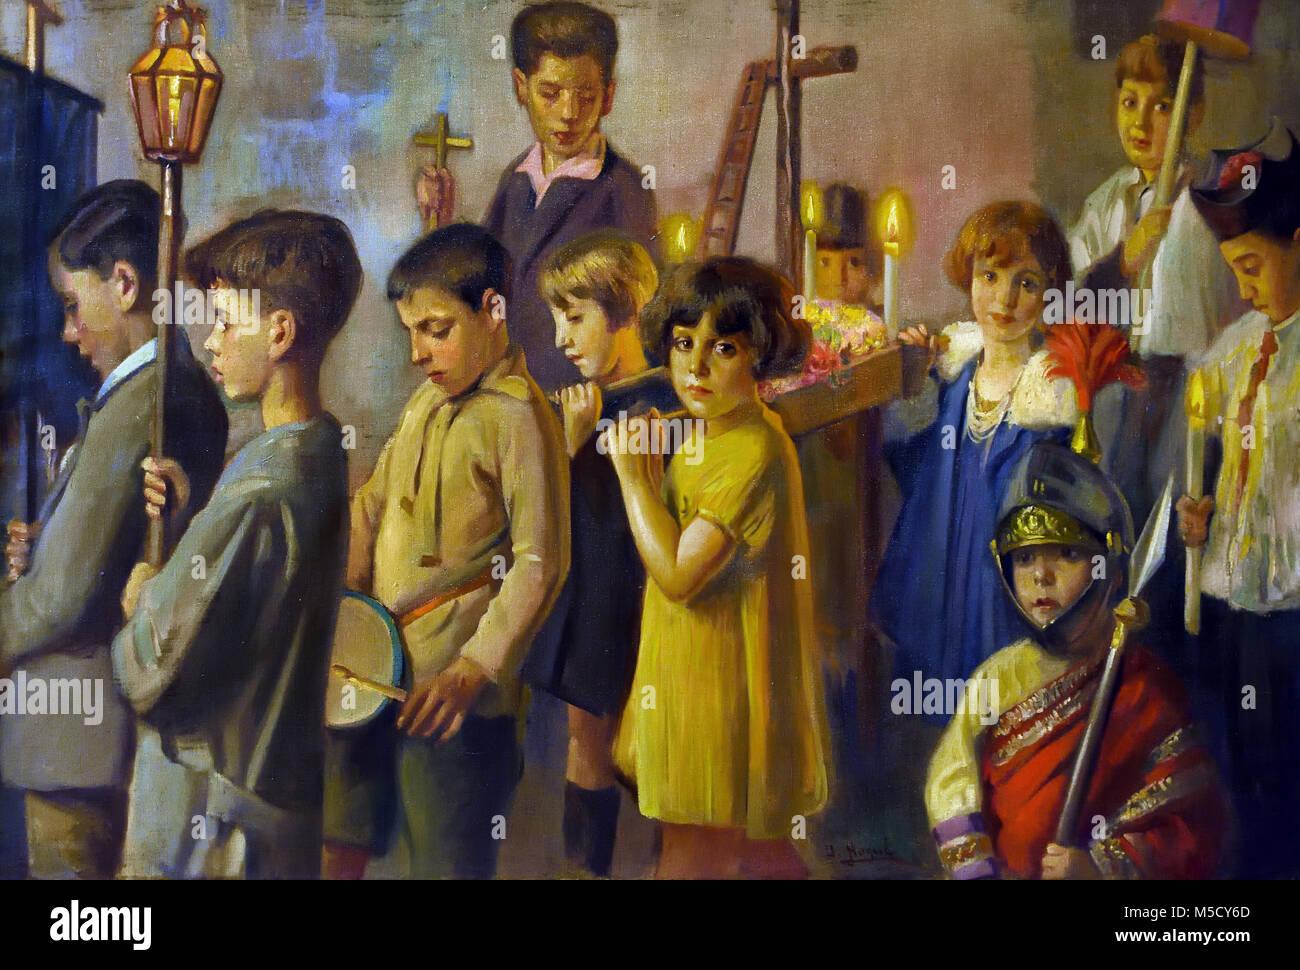 Cruz de Mayo en Jaén - peuvent traverser en Jaén 1930 Jose Nogue Masso 20e, siècle, l'Espagne, Photo Stock